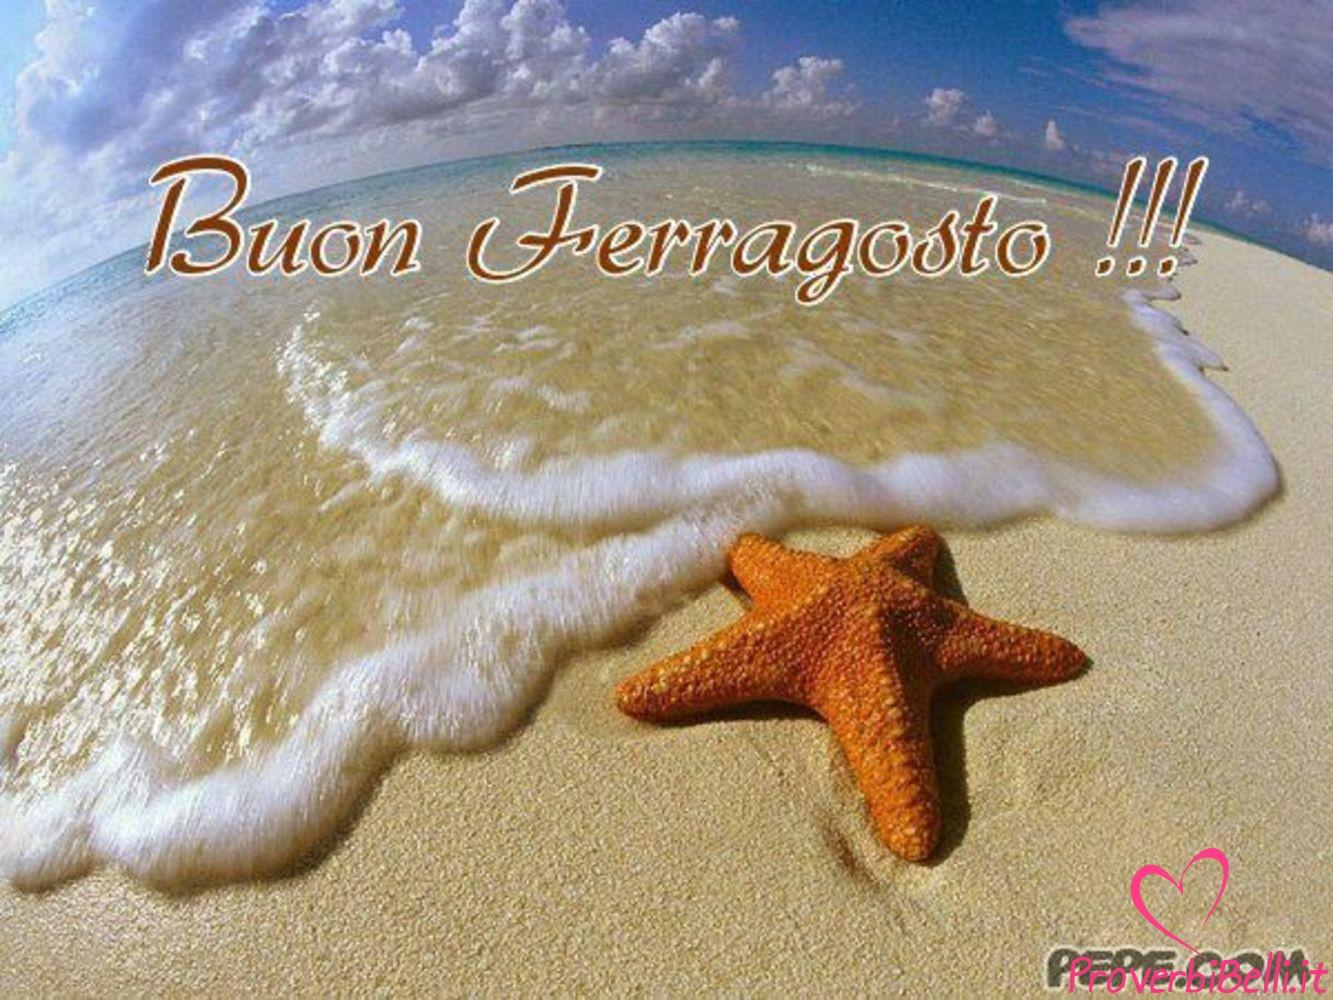 Buon-Ferragosto-95